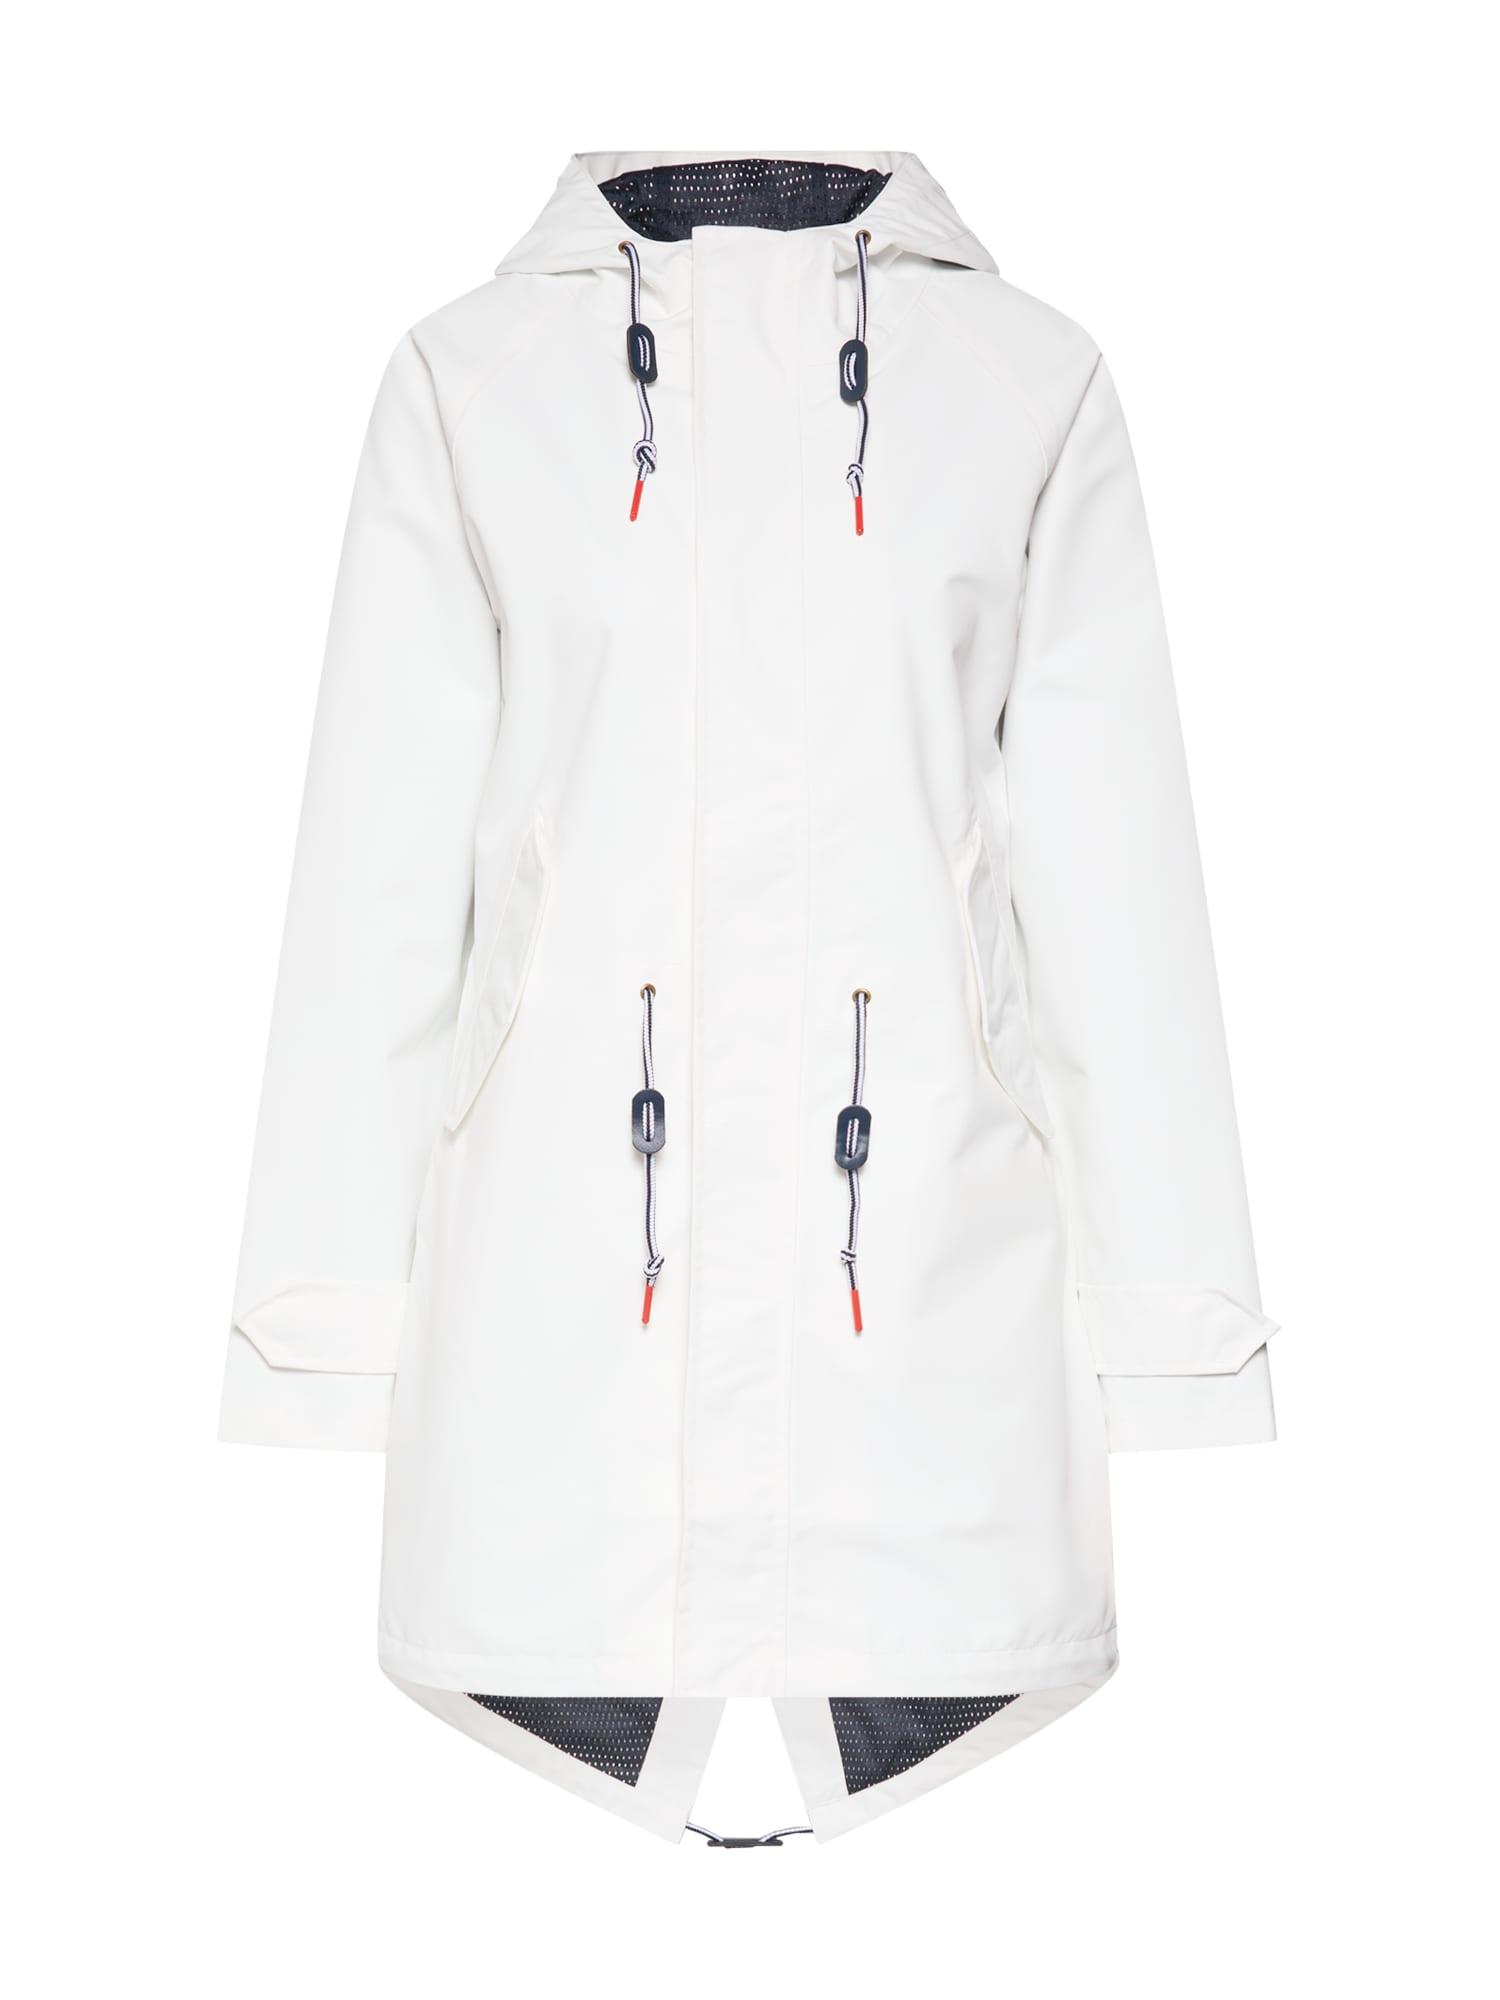 Přechodný kabát Wattn Friese modrá námořnická modř bílá Derbe